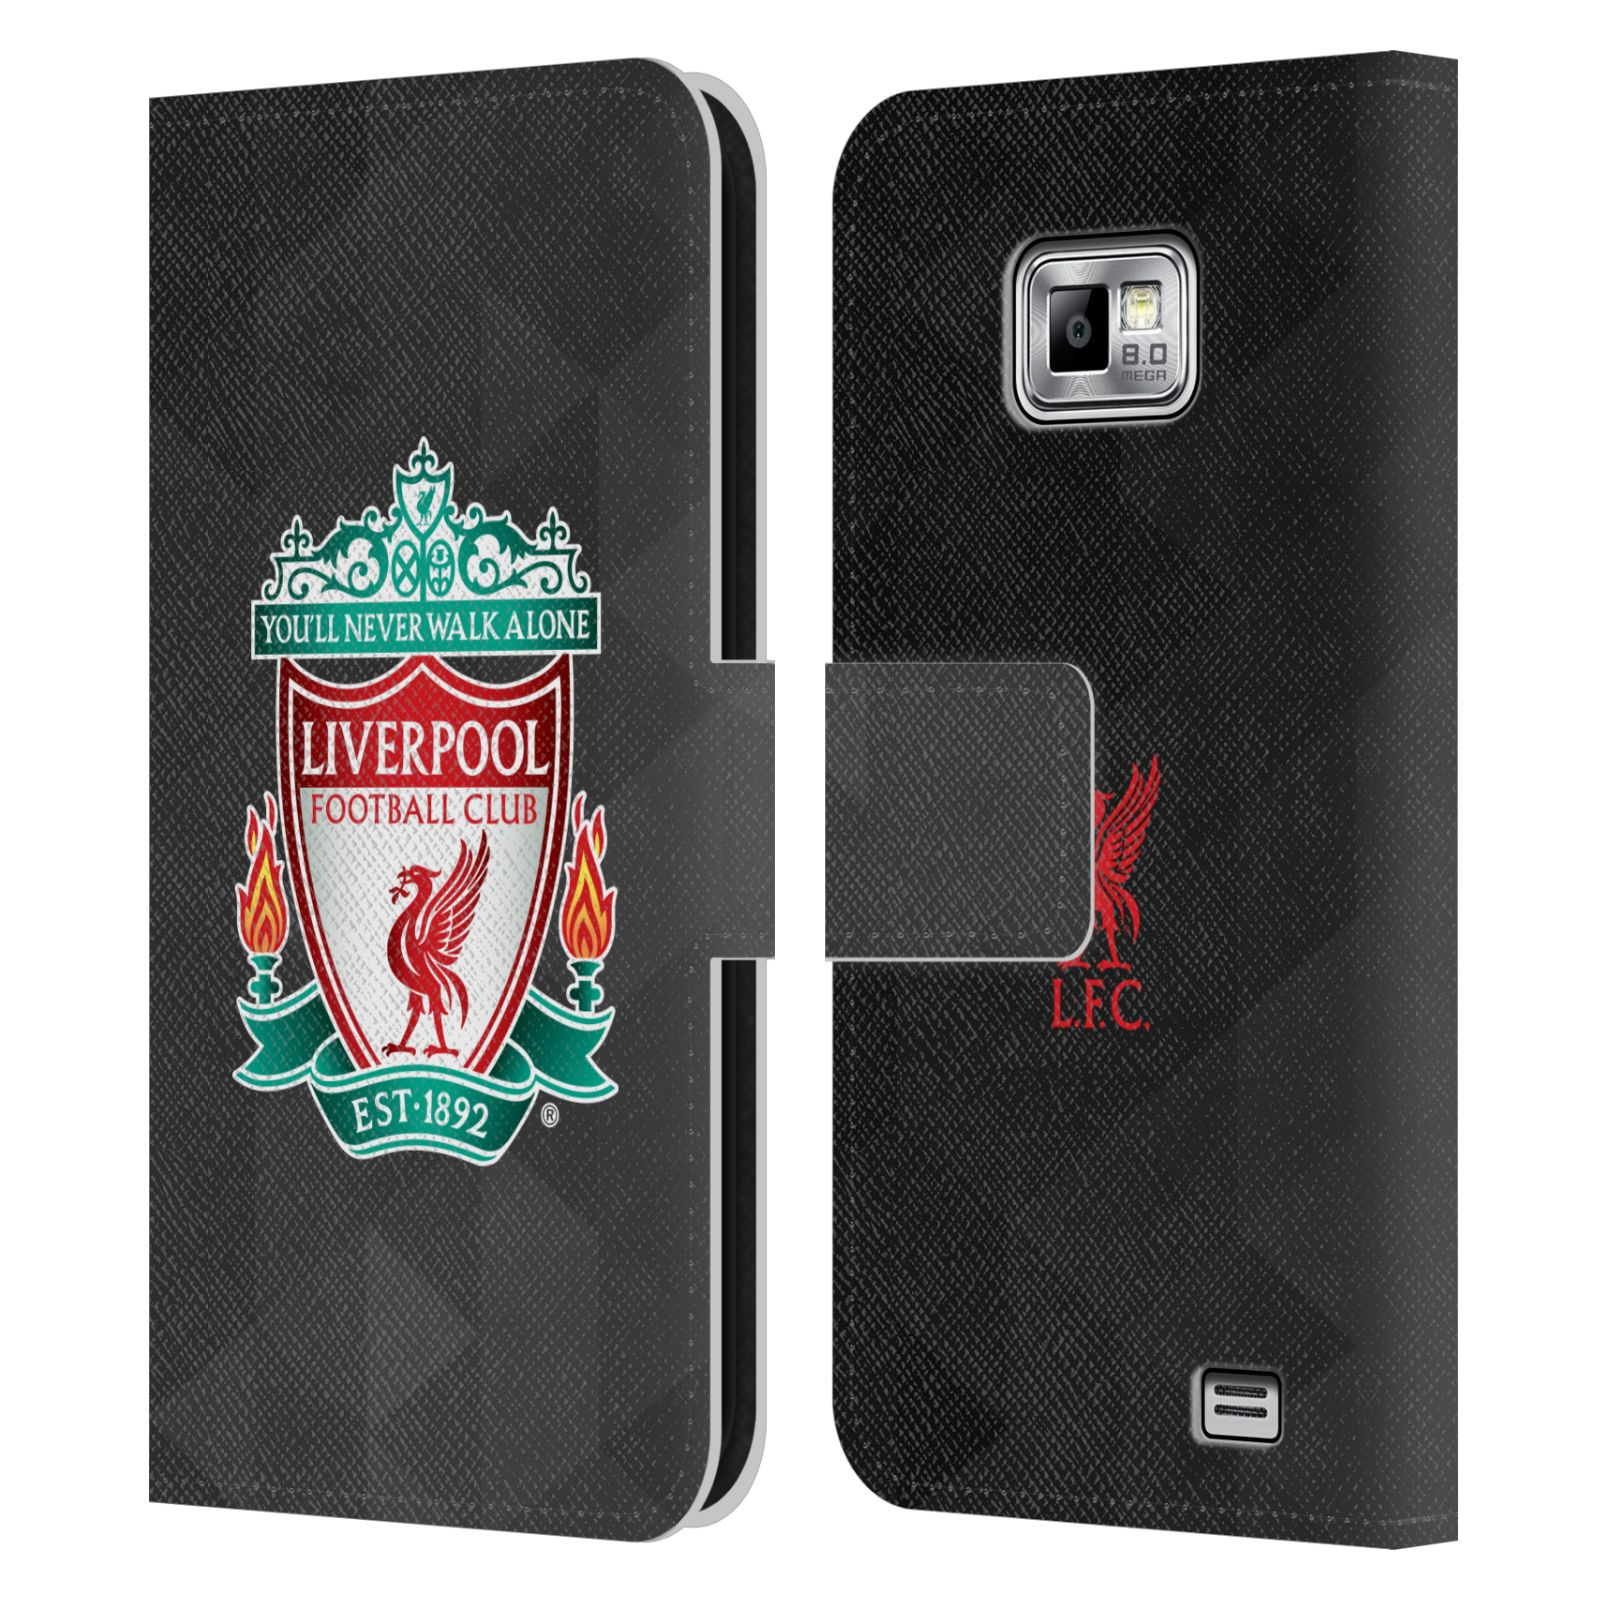 HEAD CASE Flipové pouzdro pro mobil Samsung Galaxy S2 i9100 LIVERPOOL FC OFICIÁLNÍ ZNAK kostky barevný znak na černé